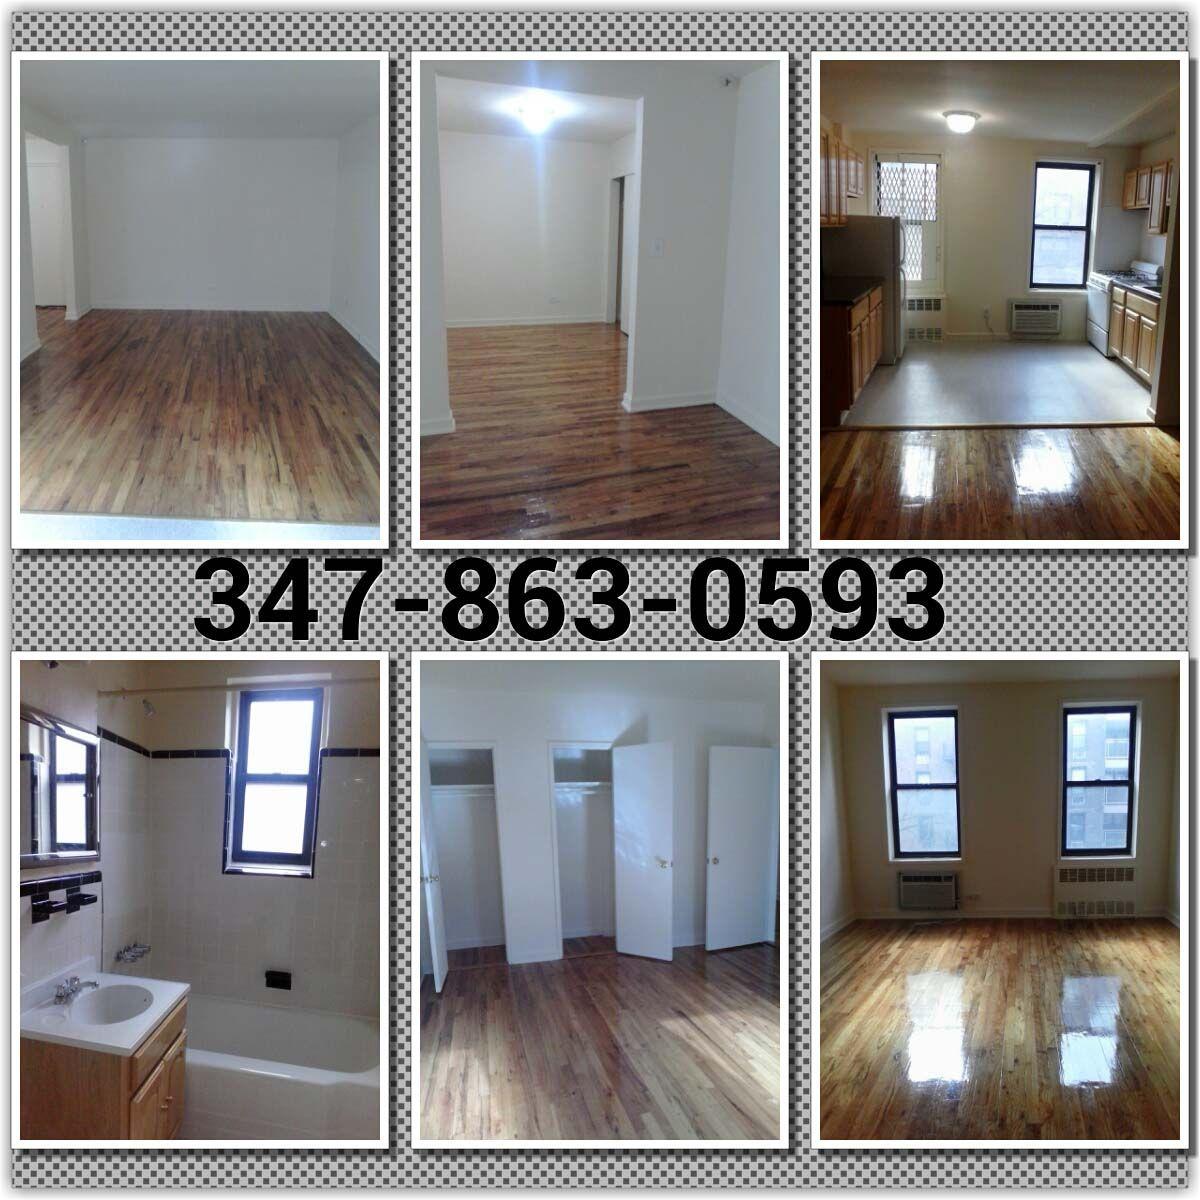 1 Bedroom Apartment For Rent In Jackson Heights, Queens